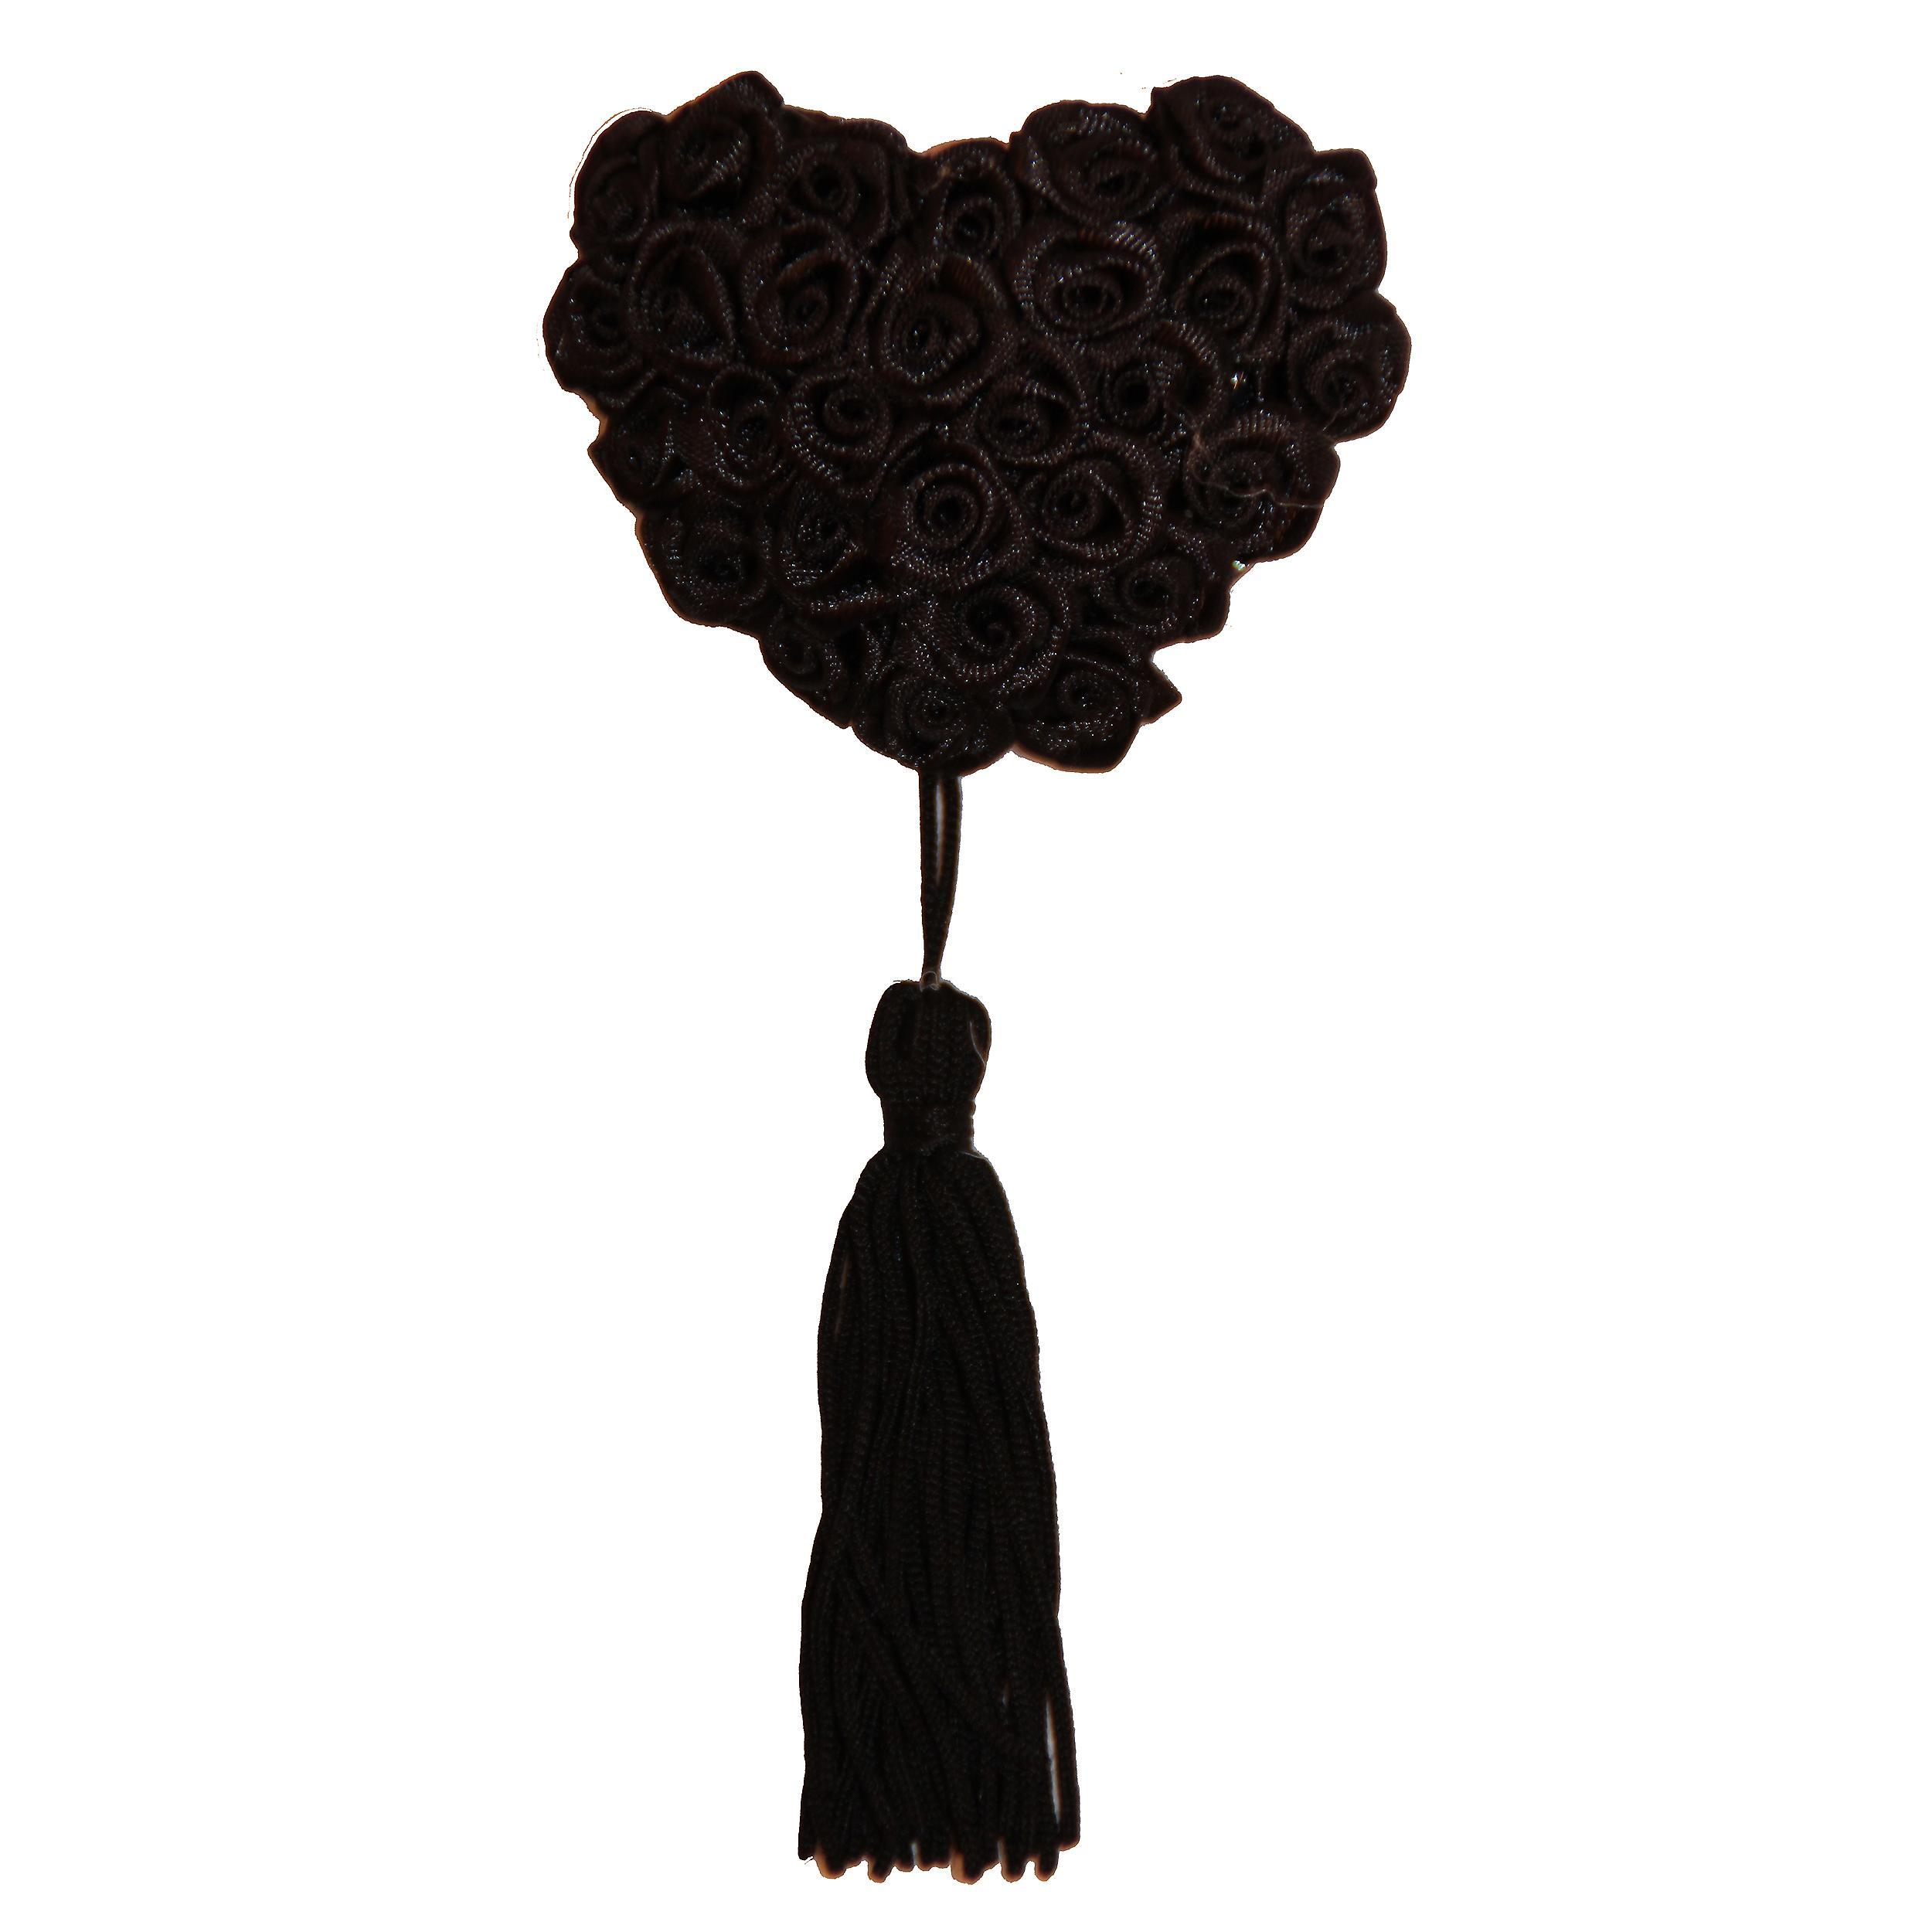 Waooh 69 - Cache-Teton Roses in heart